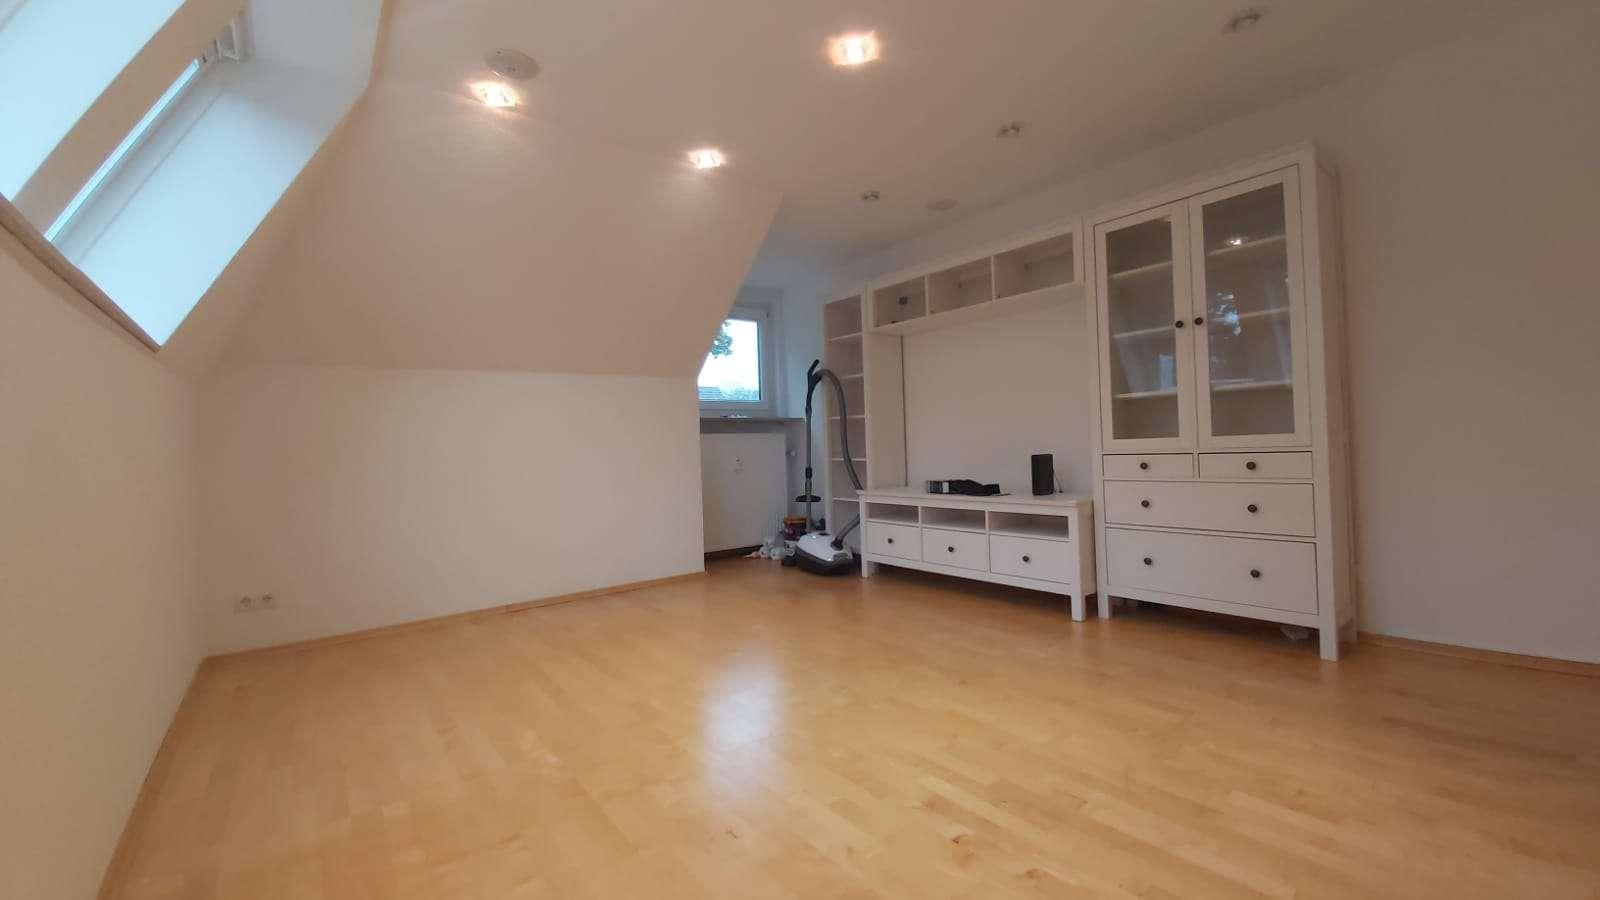 Exklusive 3-Zimmer-DG Wohnung in ruhiger aber zentraler Lage in Obersendling, München in Obersendling (München)